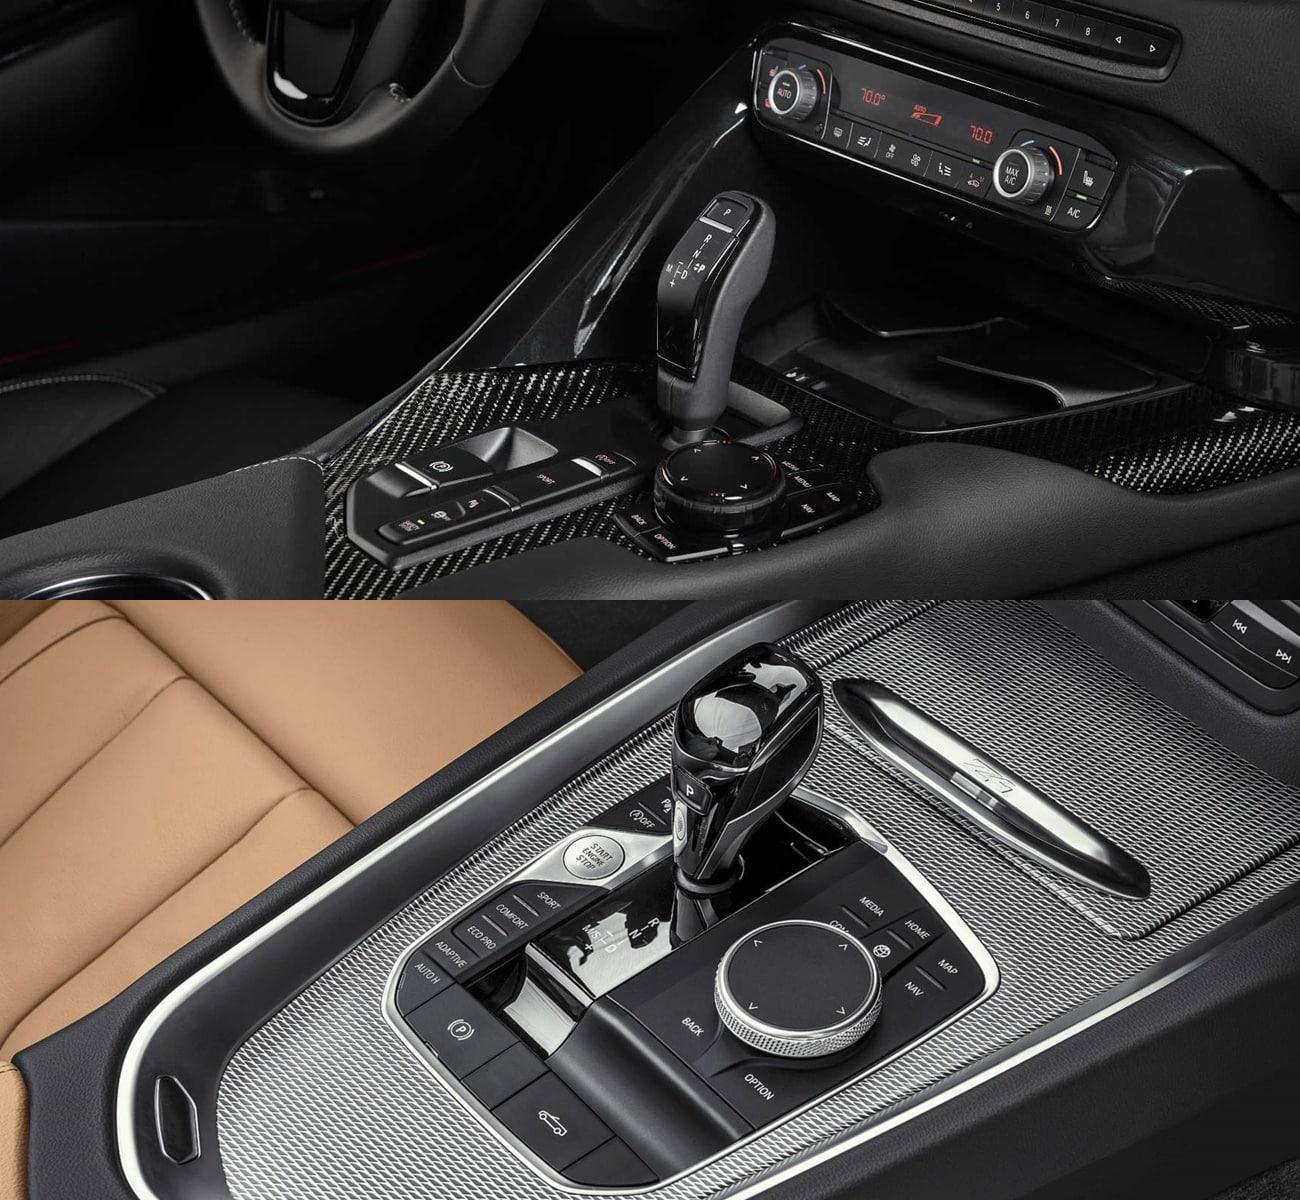 2019 Toyota Supra And Bmw Z4